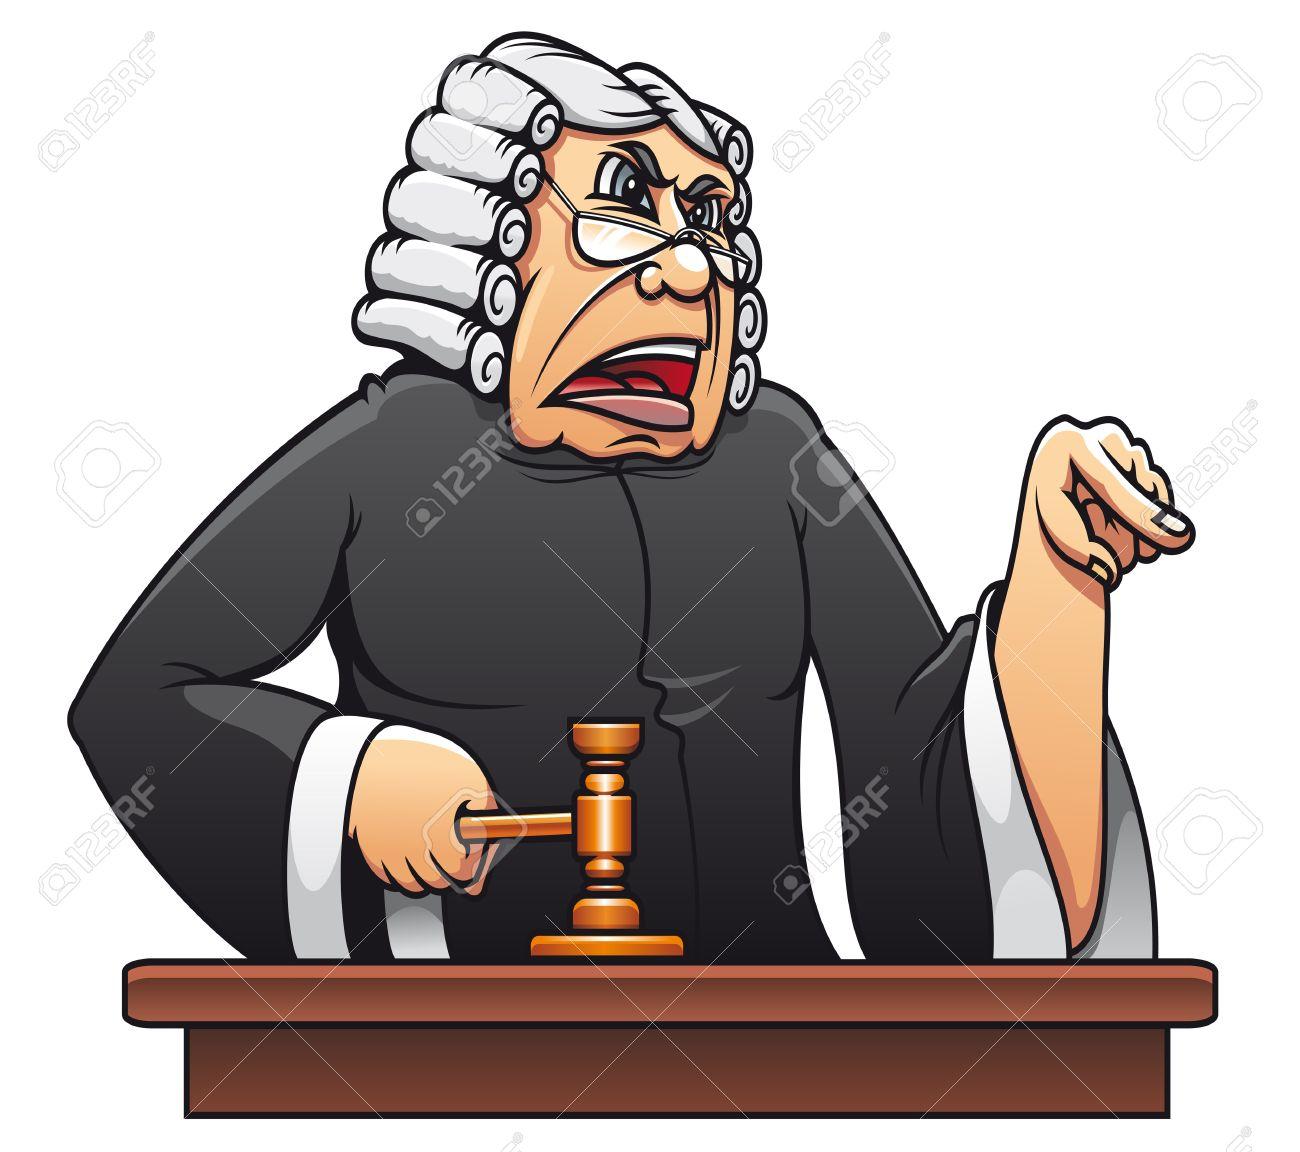 Image result for el derecho cartoon